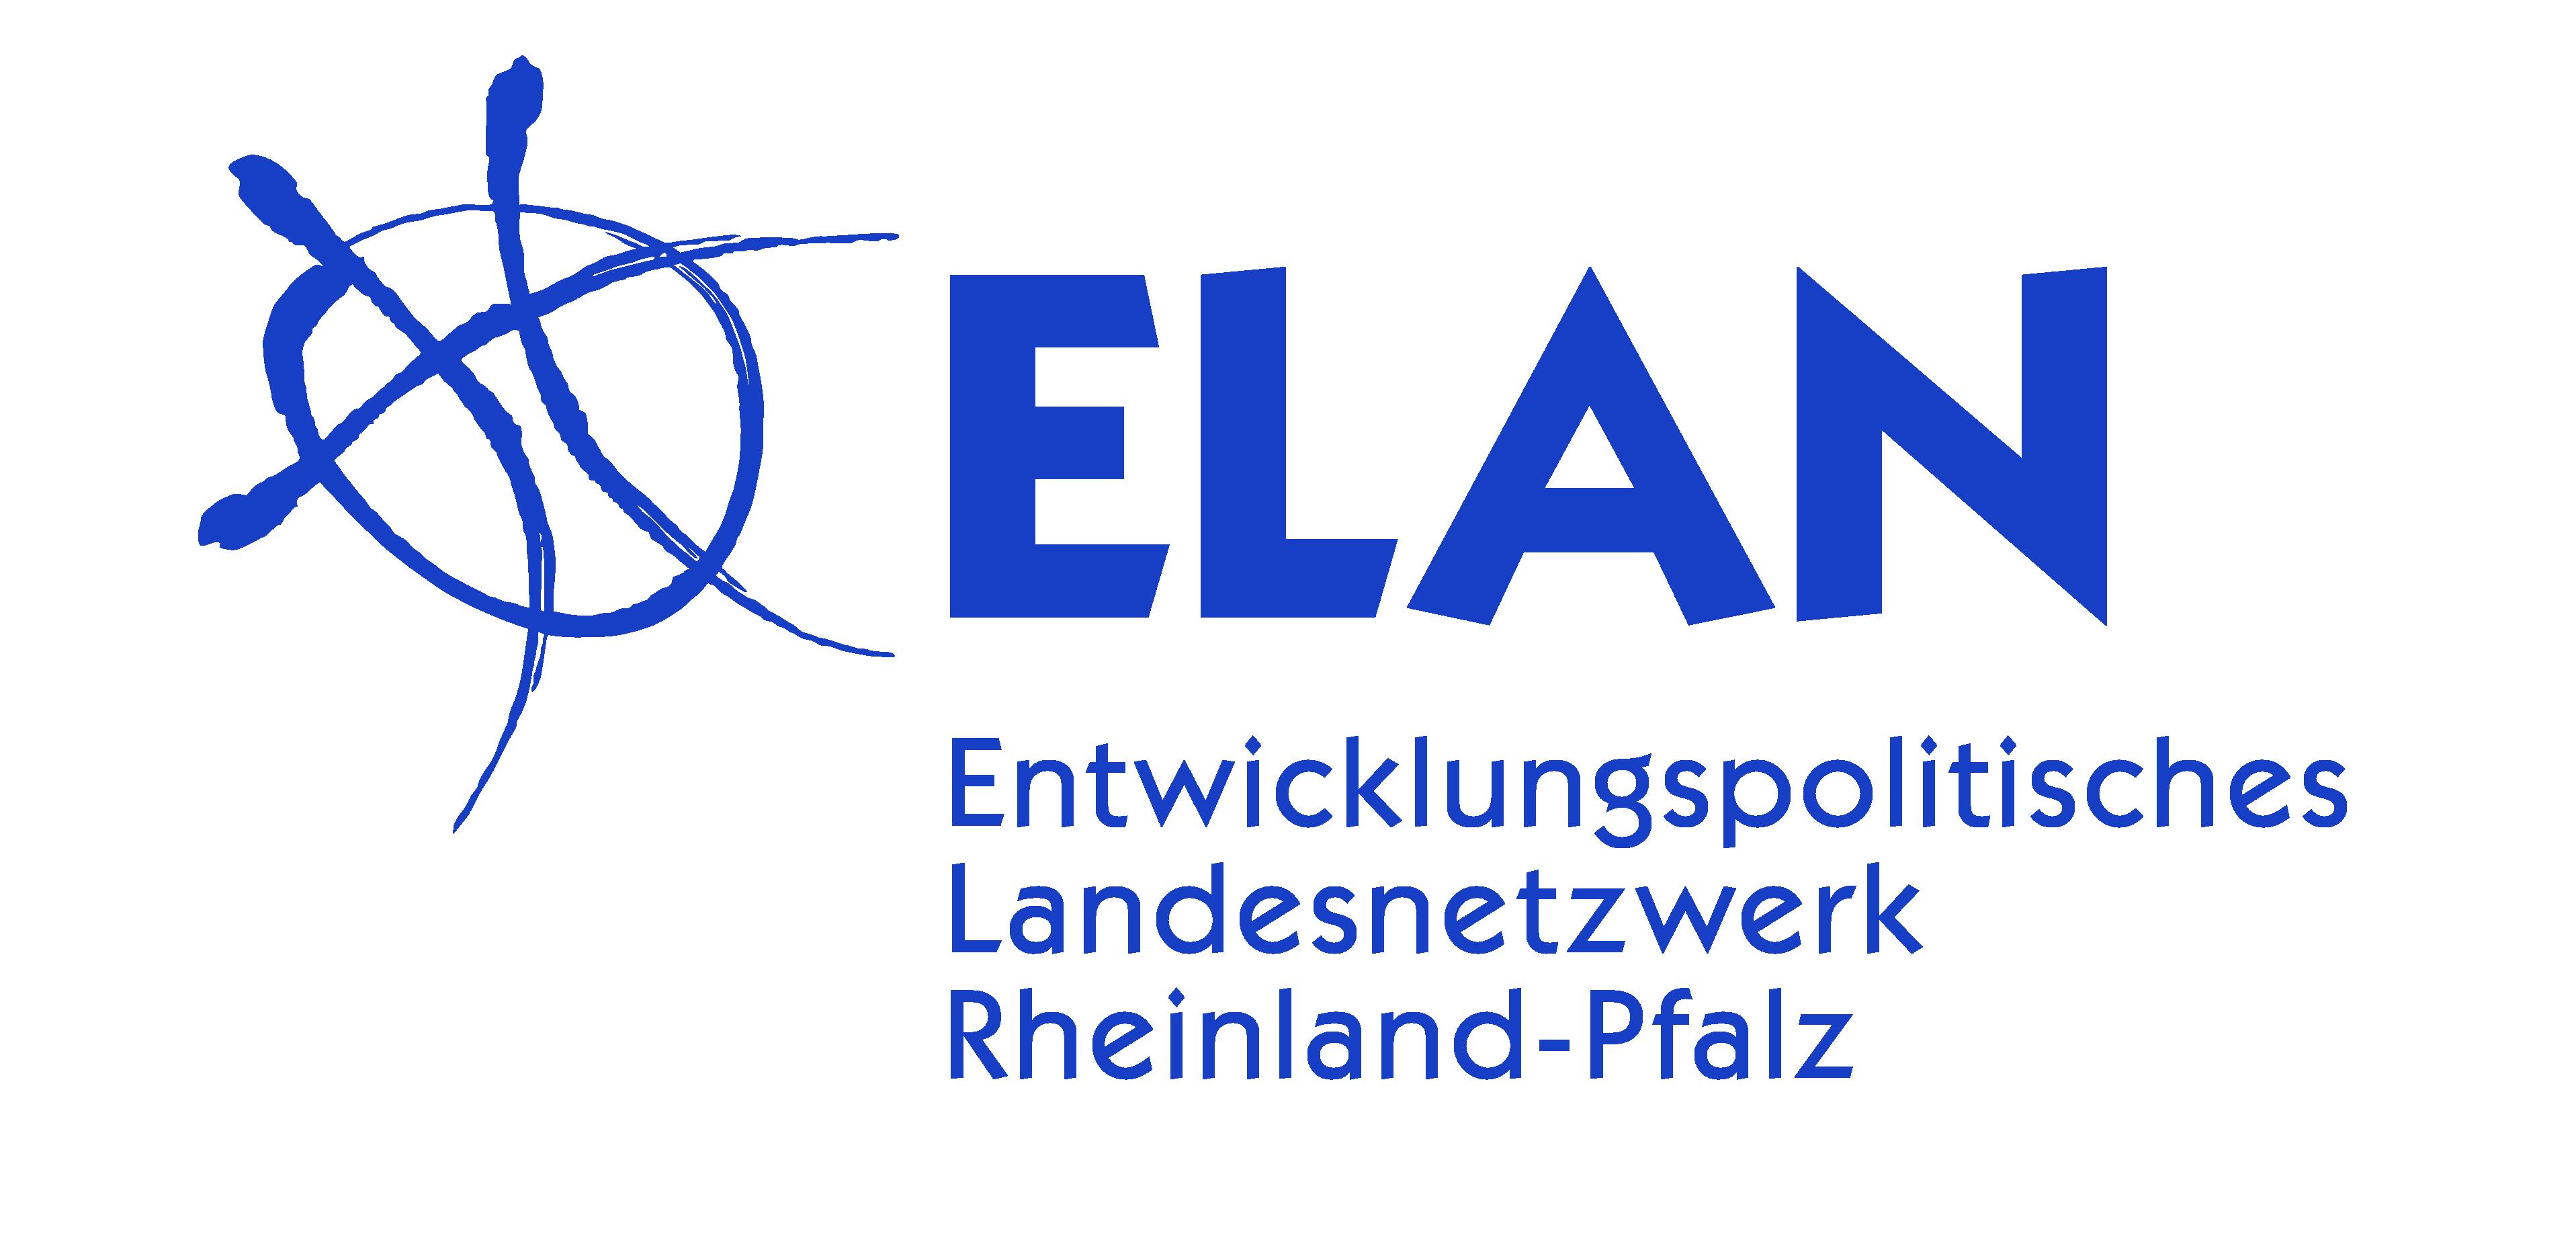 Logo ELAN. Quelle: elan-rlp.de